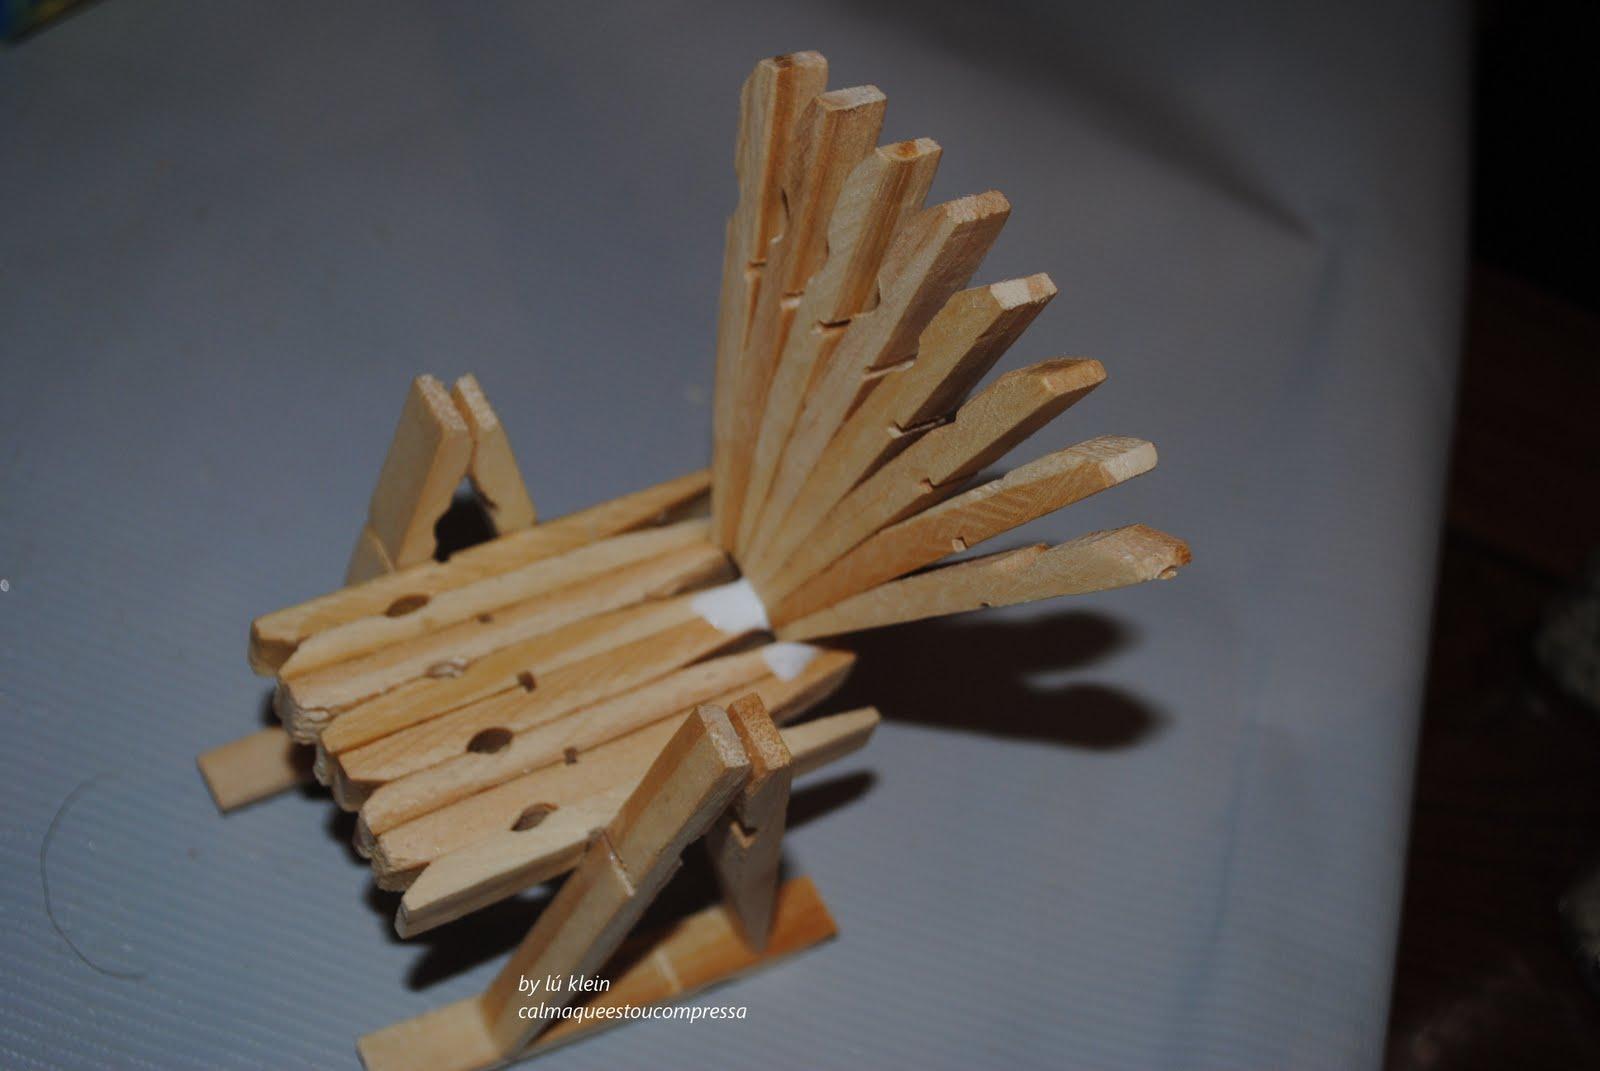 ESSE LIXO QUE NÃO SOME!..: Cadeira de balanço de palito de sorvete #6C4A2C 1600x1071